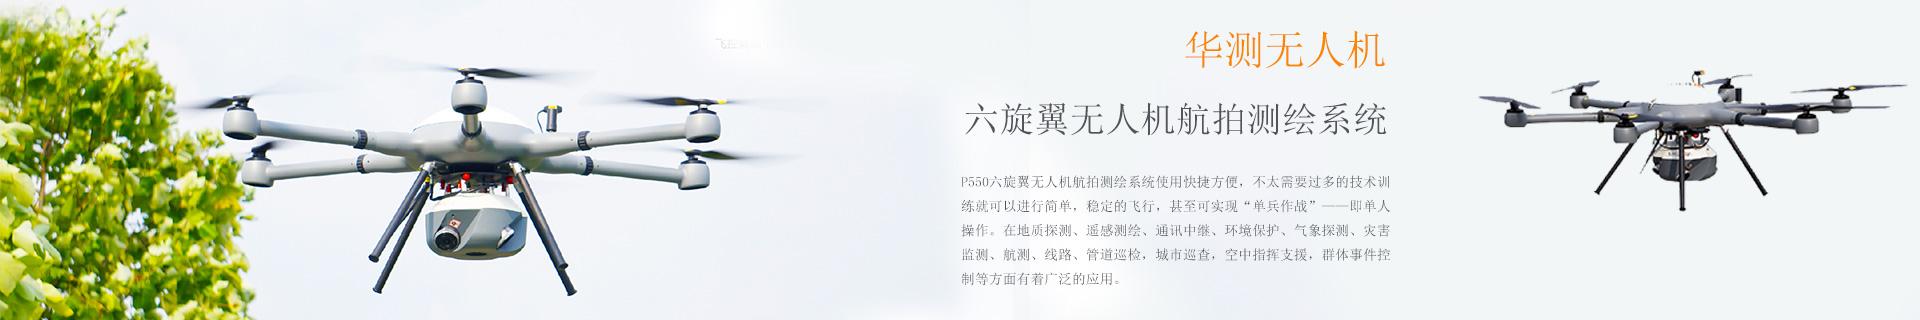 广东不锈钢水箱